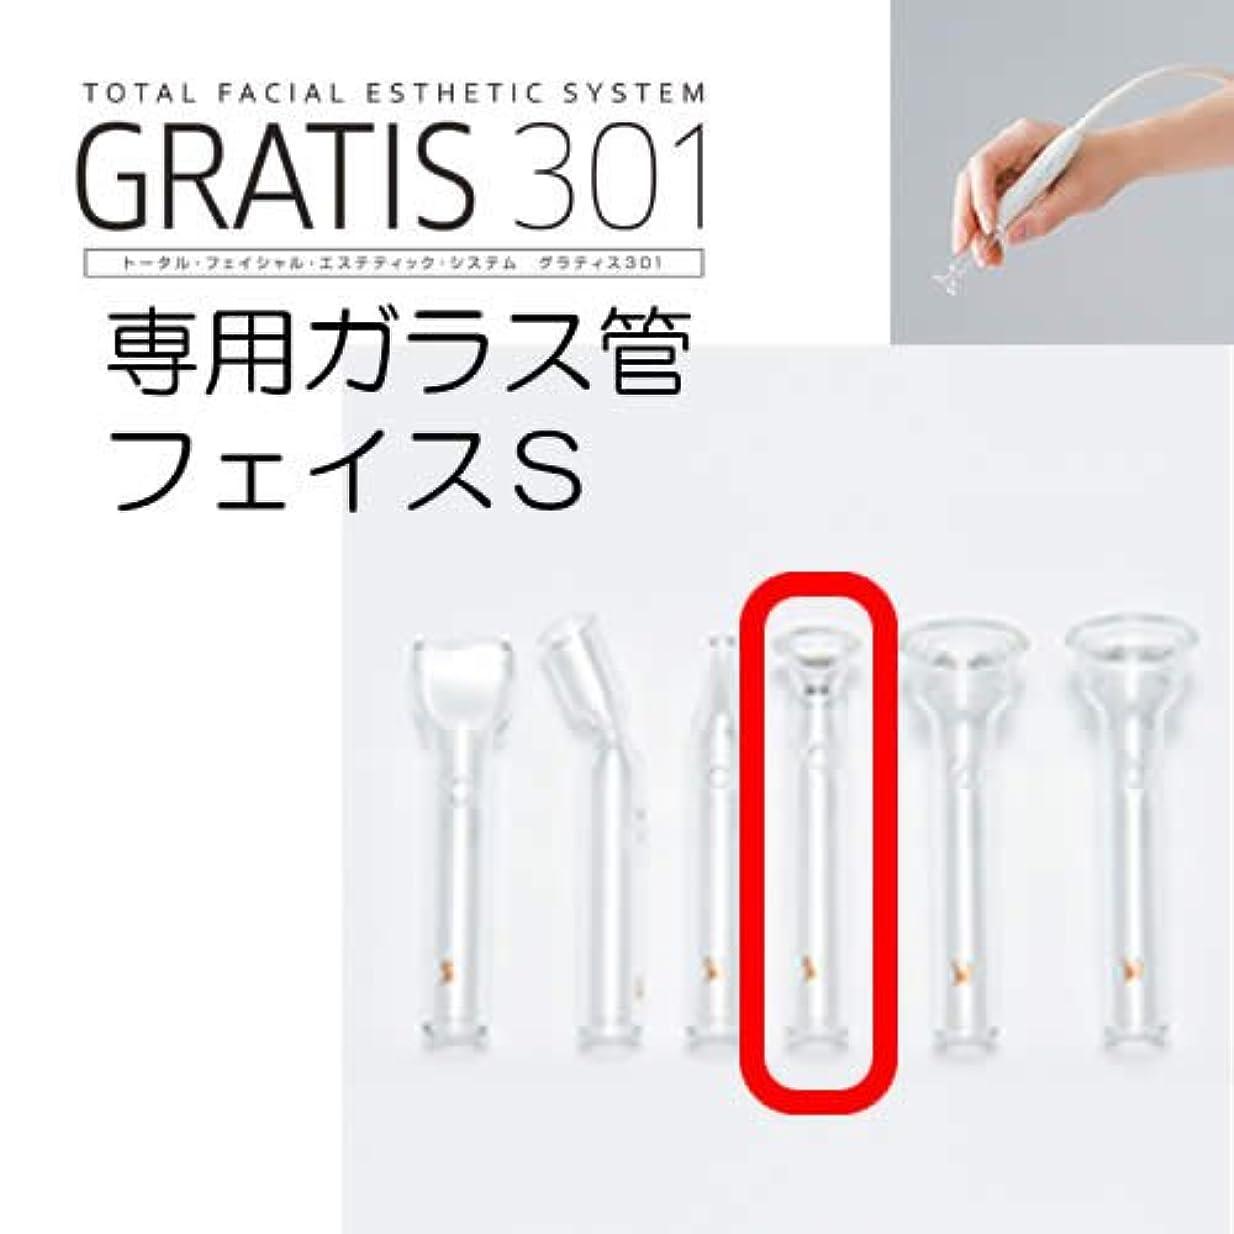 すべき社員北へGRATIS 301(グラティス301)専用ガラス管 フェイスS(2本セット)